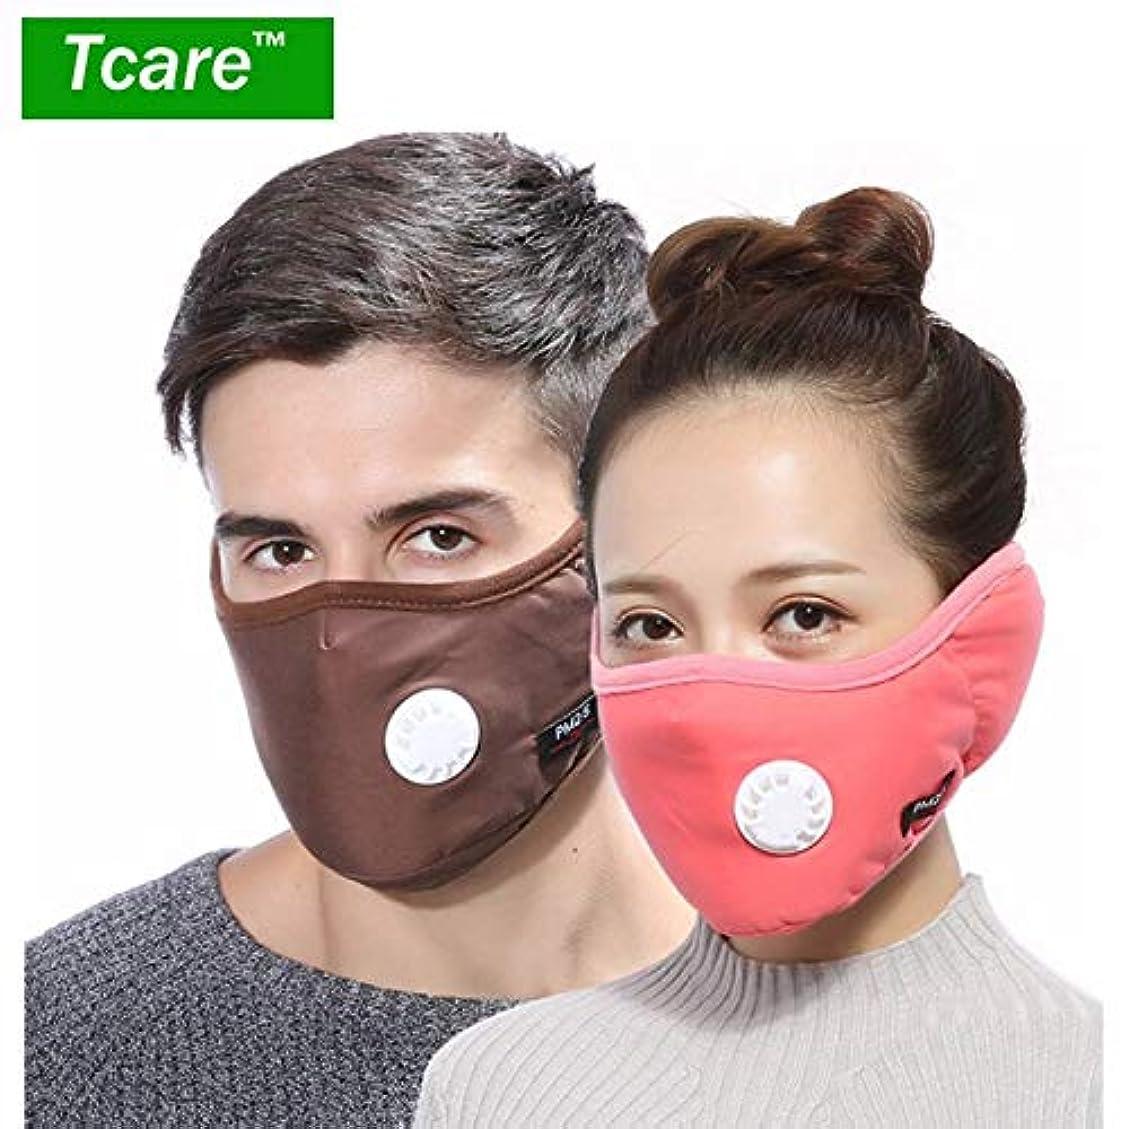 丁寧バレーボールサミット4レッド:1 PM2.5マスクバルブコットンアンチダスト口マスクの冬のイヤーマフActtedフィルター付マスクでTcare 2